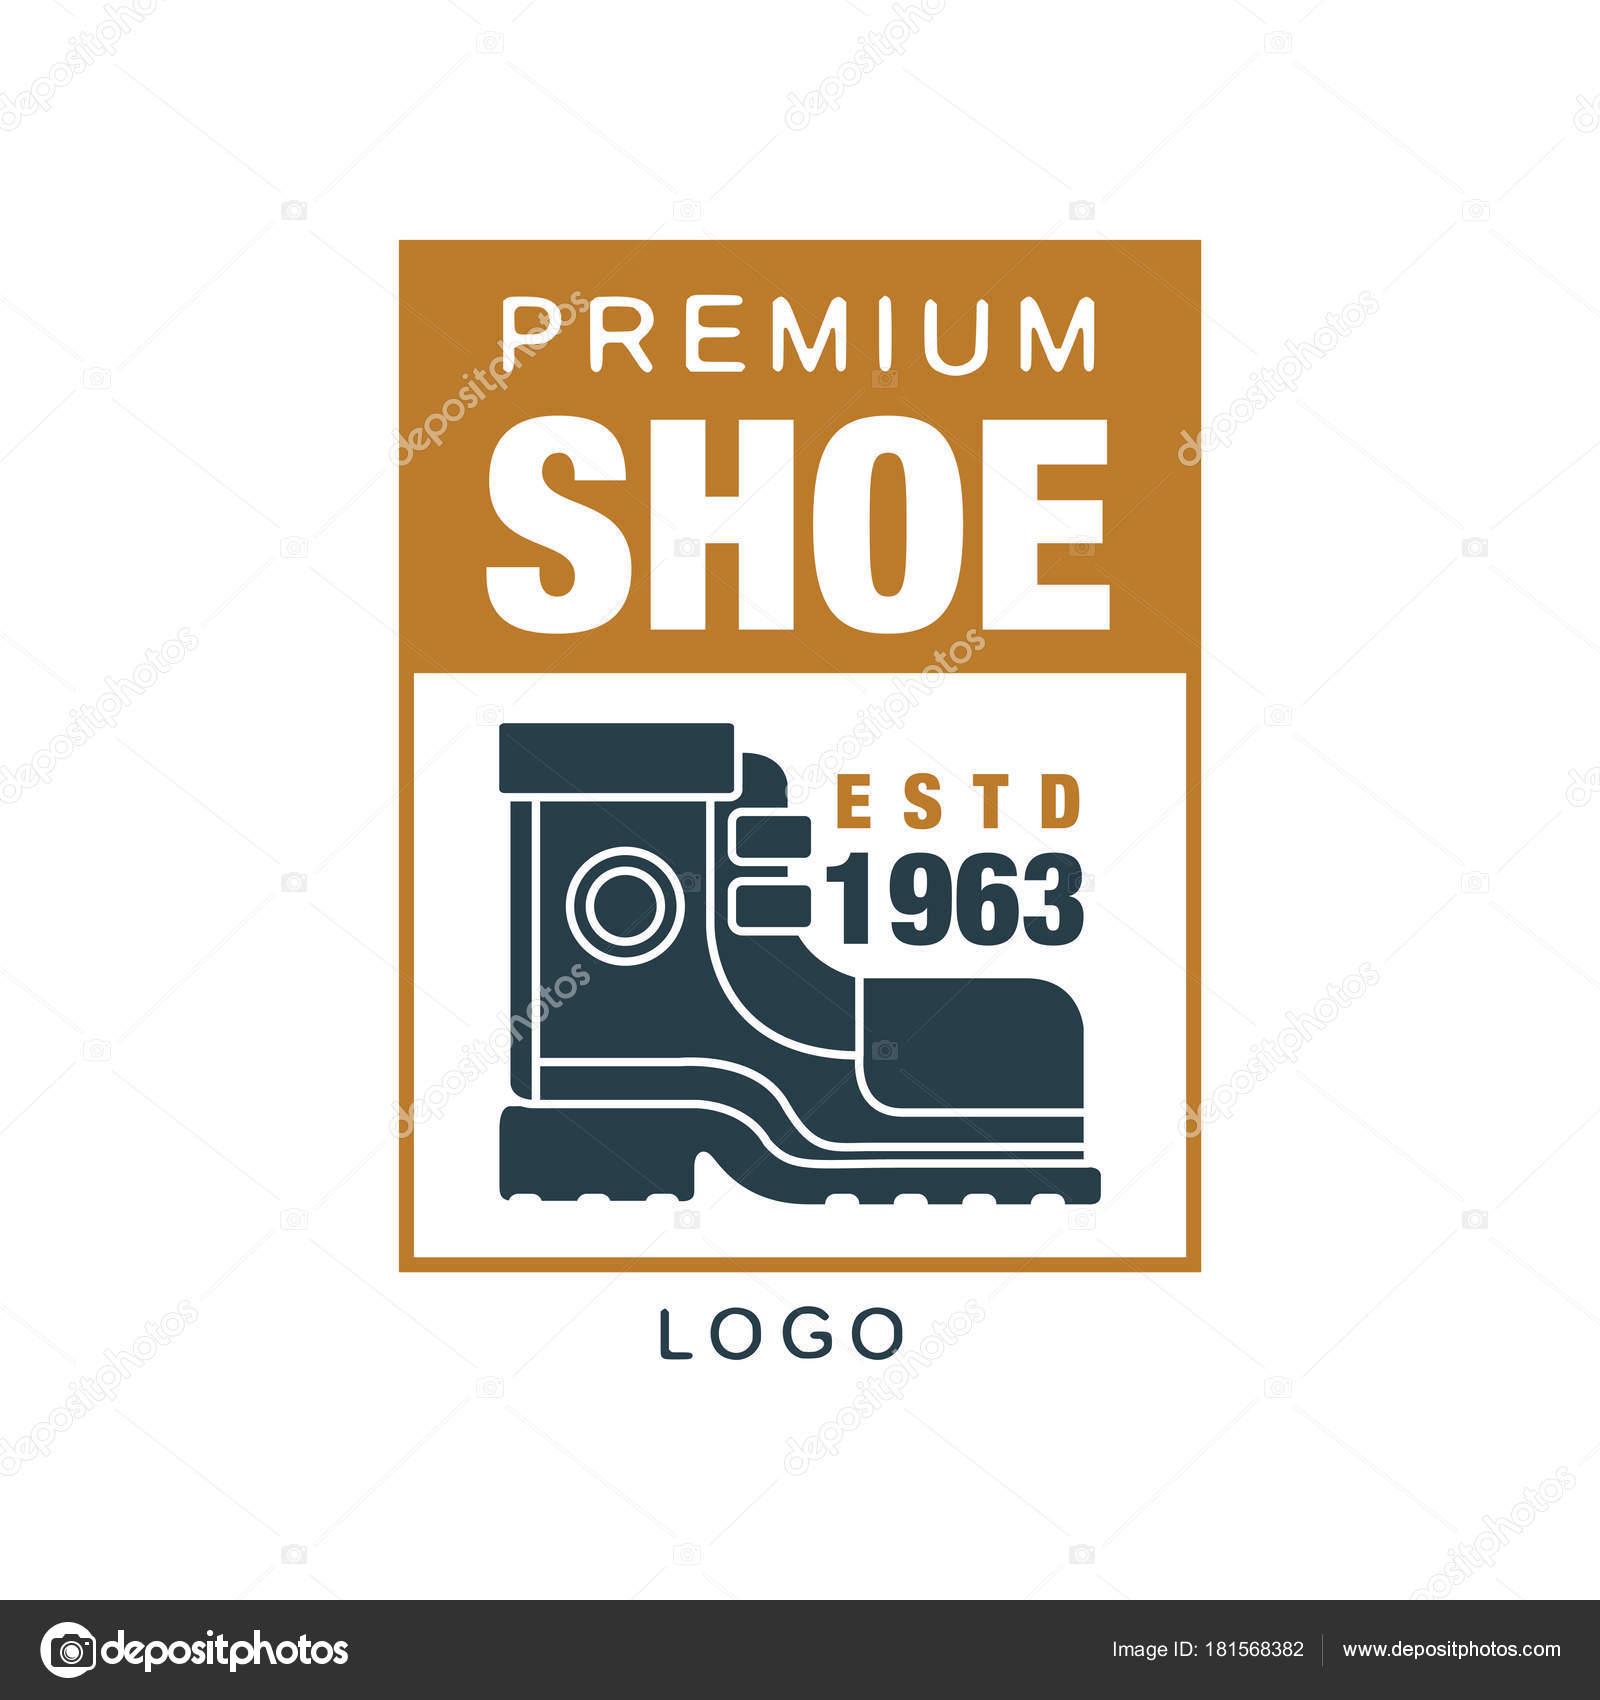 fdf600ff1 Премиум обуви логотип, estd 1963 знак для ремонта обуви бренда, сапожник  или обувь векторная иллюстрация на белом фоне — Вектор от ...